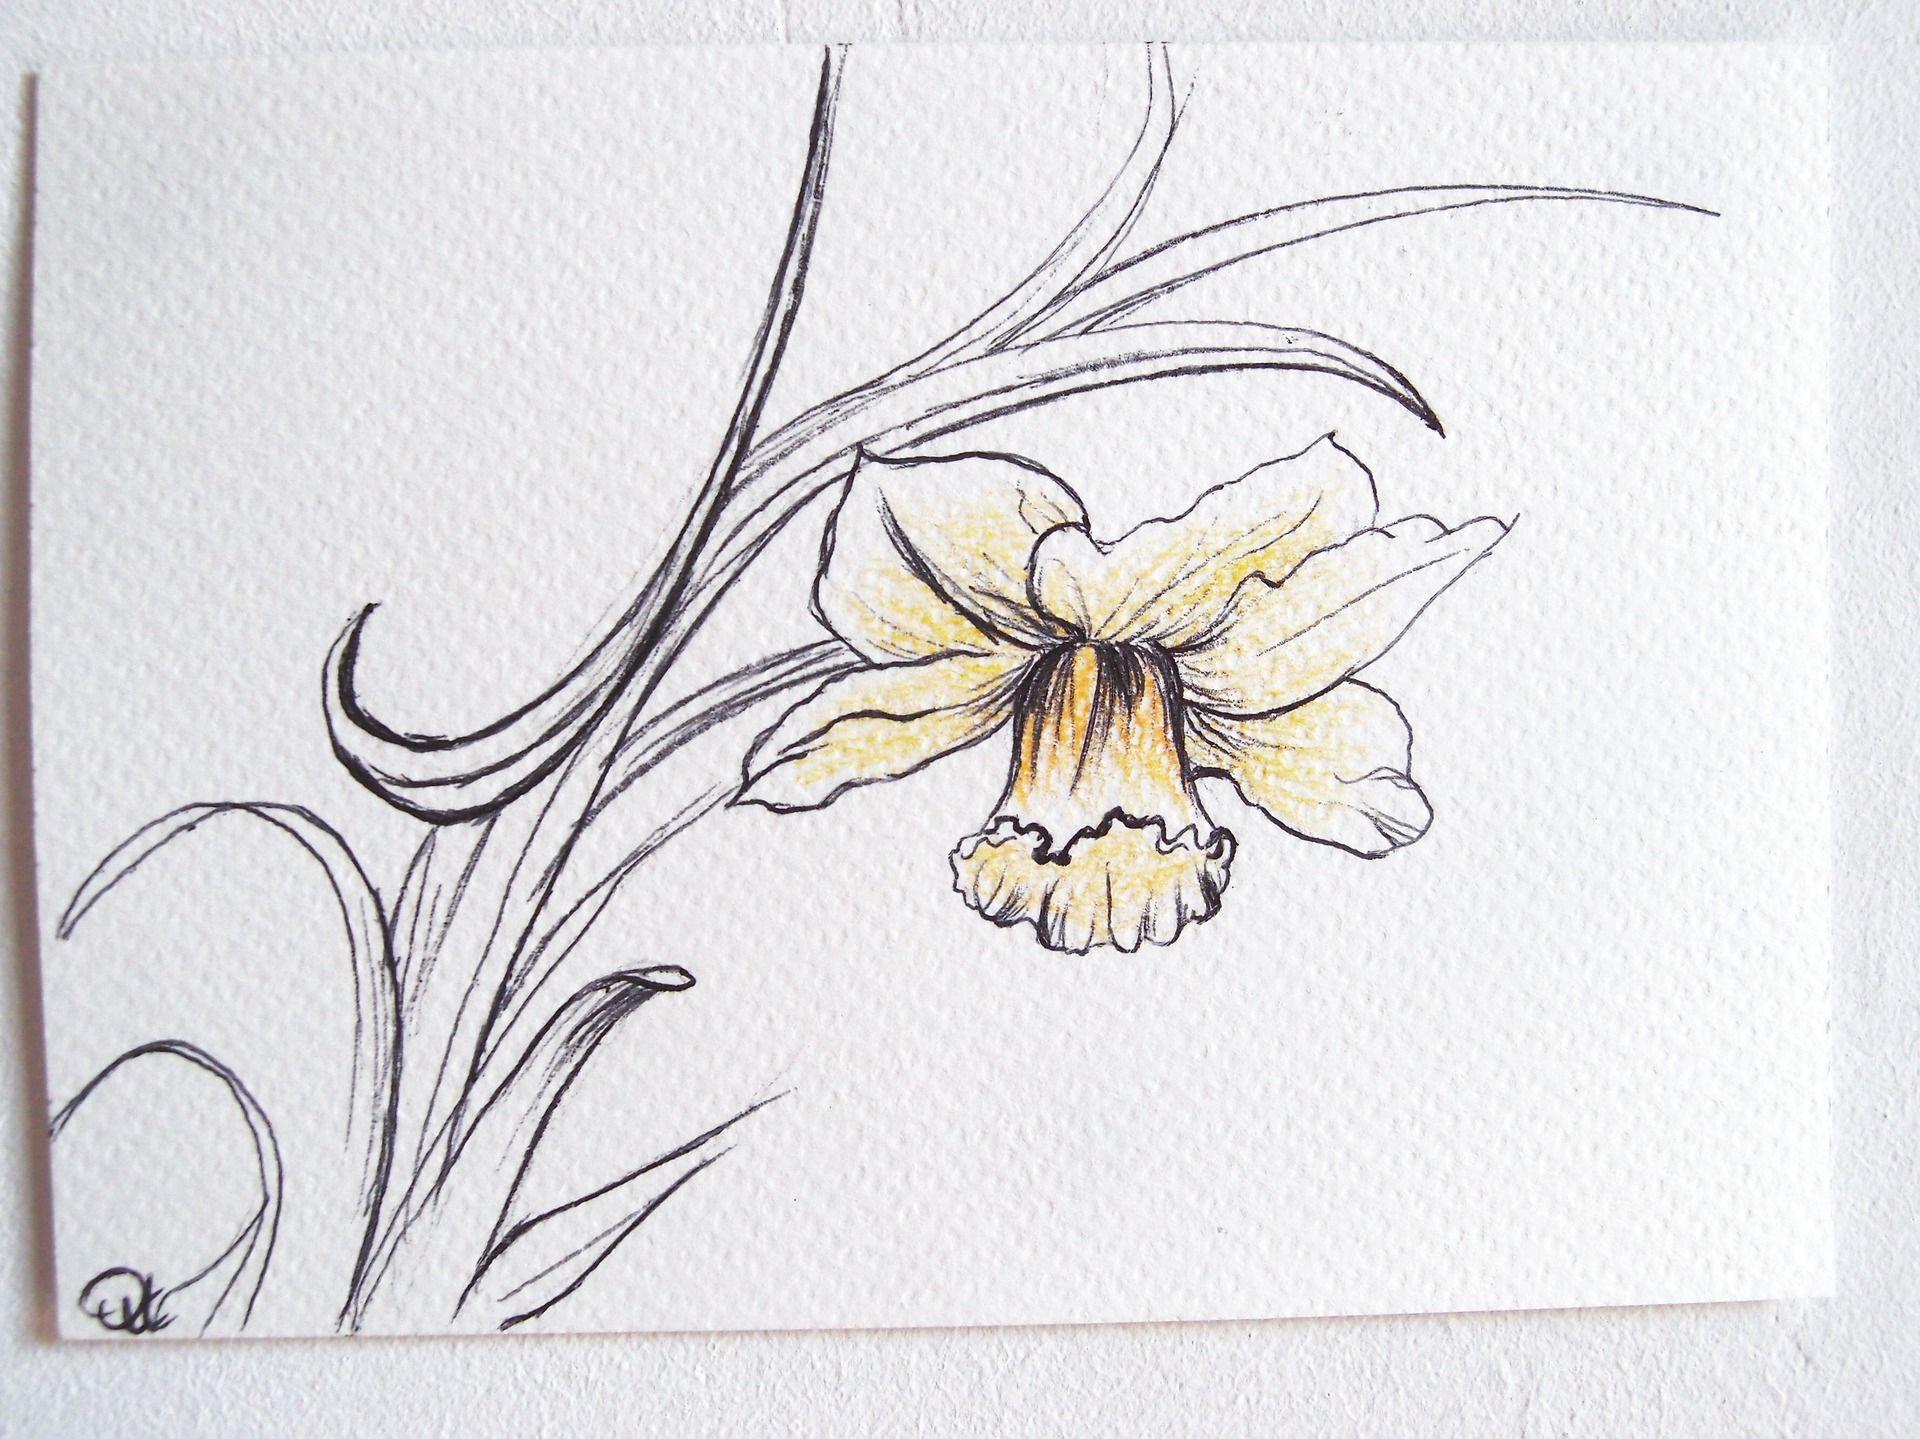 Dessin de fleur j comme jonquille s rie alphabet - Dessin jonquille fleur ...